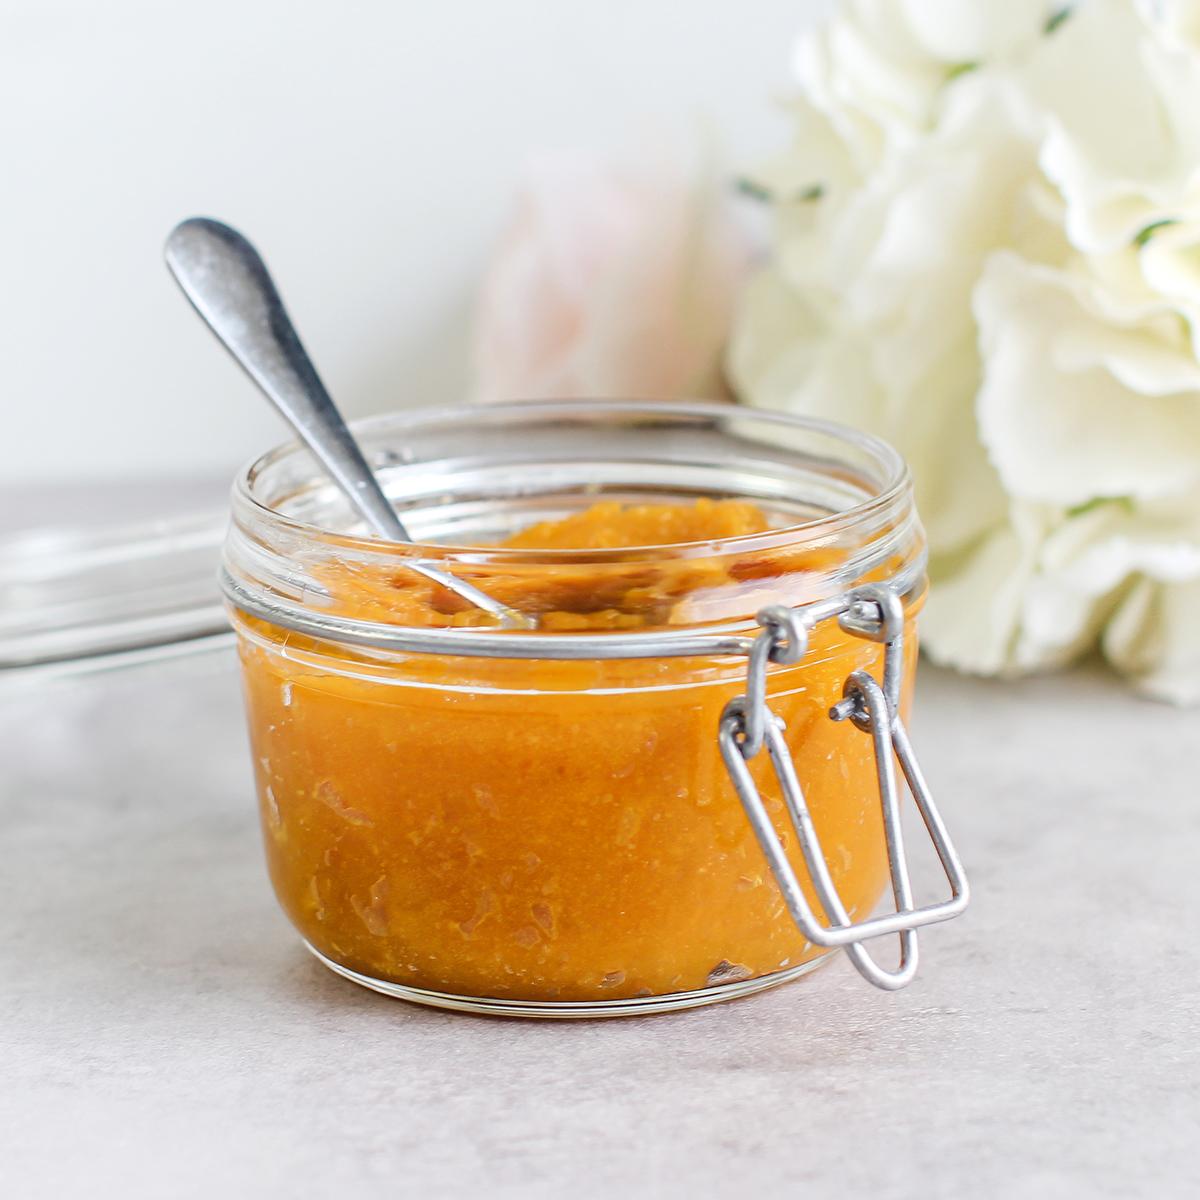 aprikossyltetøy av tørket aprikos